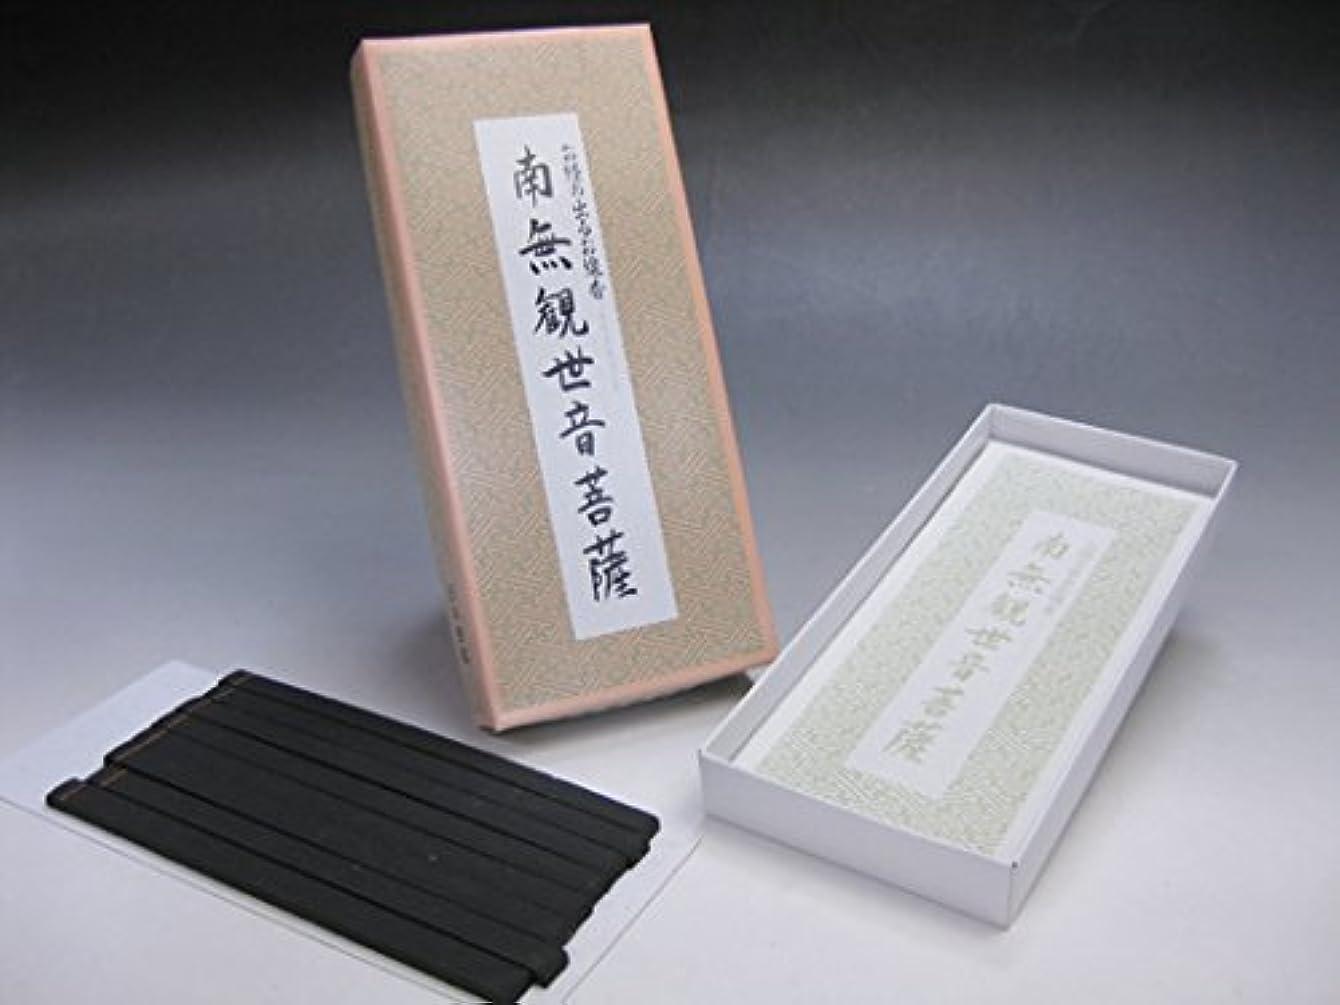 寄付休憩するエレメンタル日本香堂のお線香 経文香 南無観世音菩薩